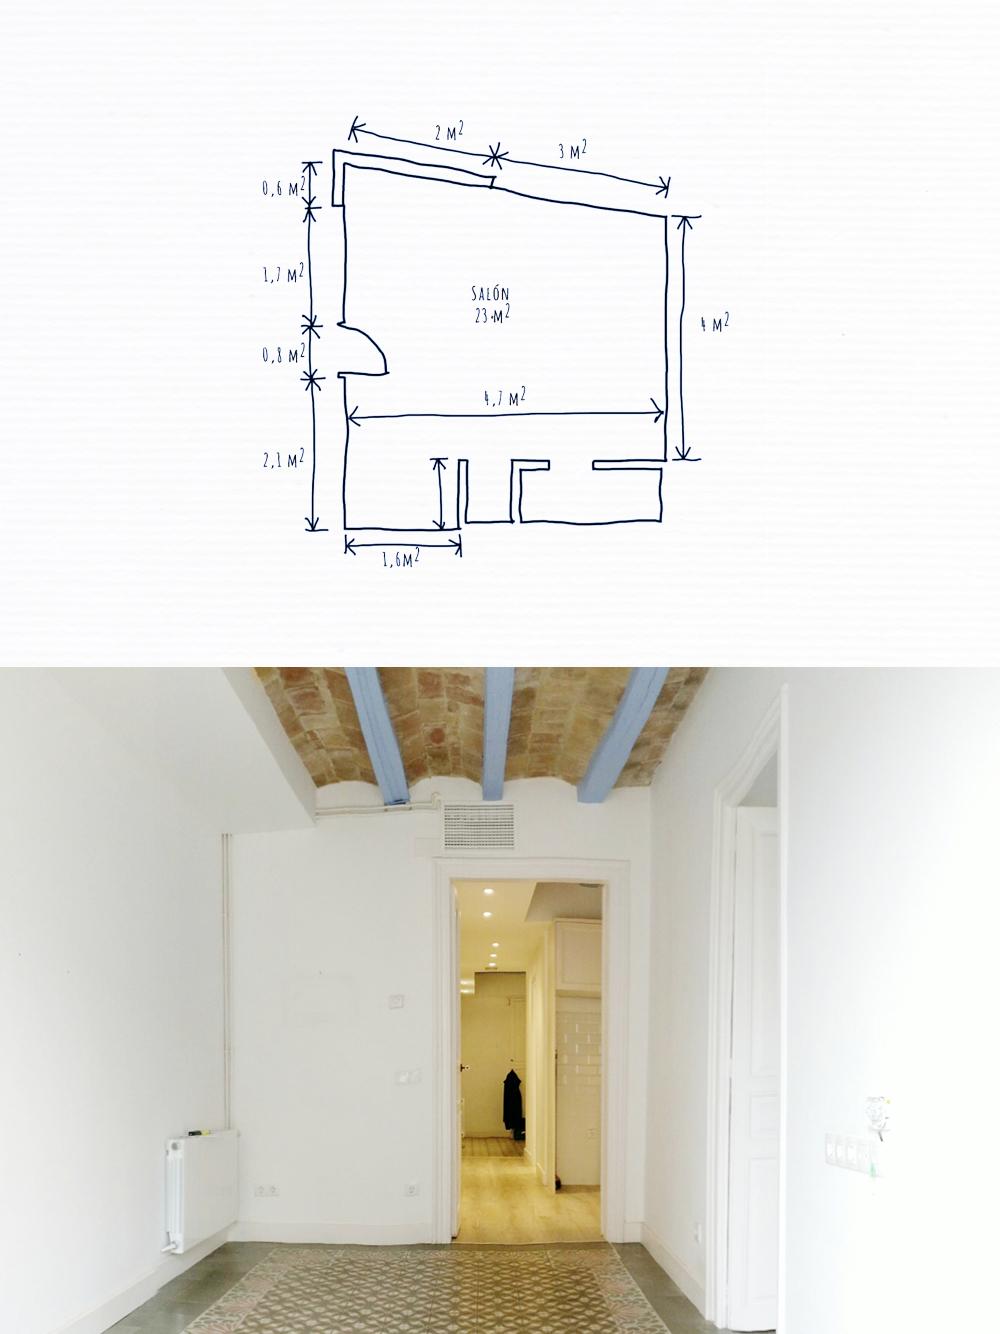 TUS PREFERENCIAS - • Plano con medidas y fotos de las habitaciones.> Te guiamos para hacerlo como un pro• 2 tableros Pinterest con fotos que te inspiran y que no. 1 foto de tu ropa preferida (o de tu ropero.Sí!)• Tu presupuesto